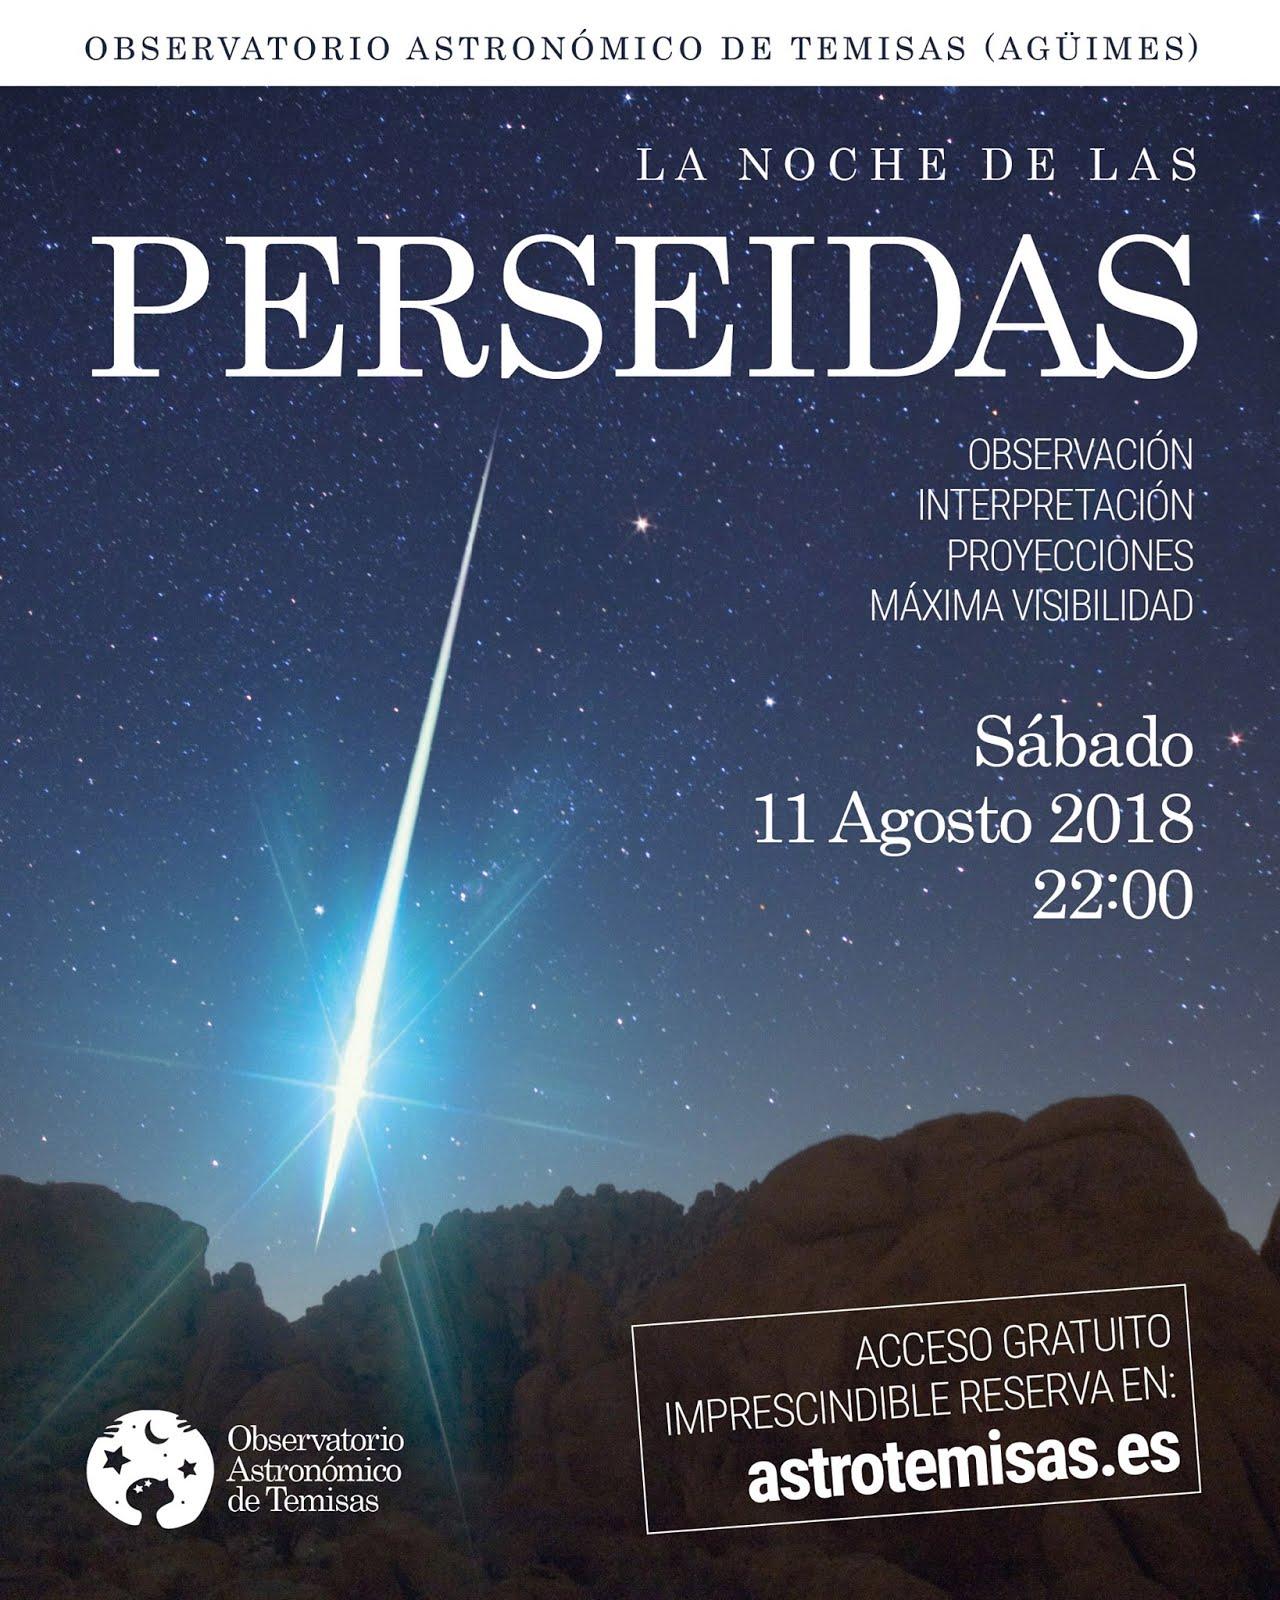 Las Perseidas en el Observatorio Astronómico de Temisas